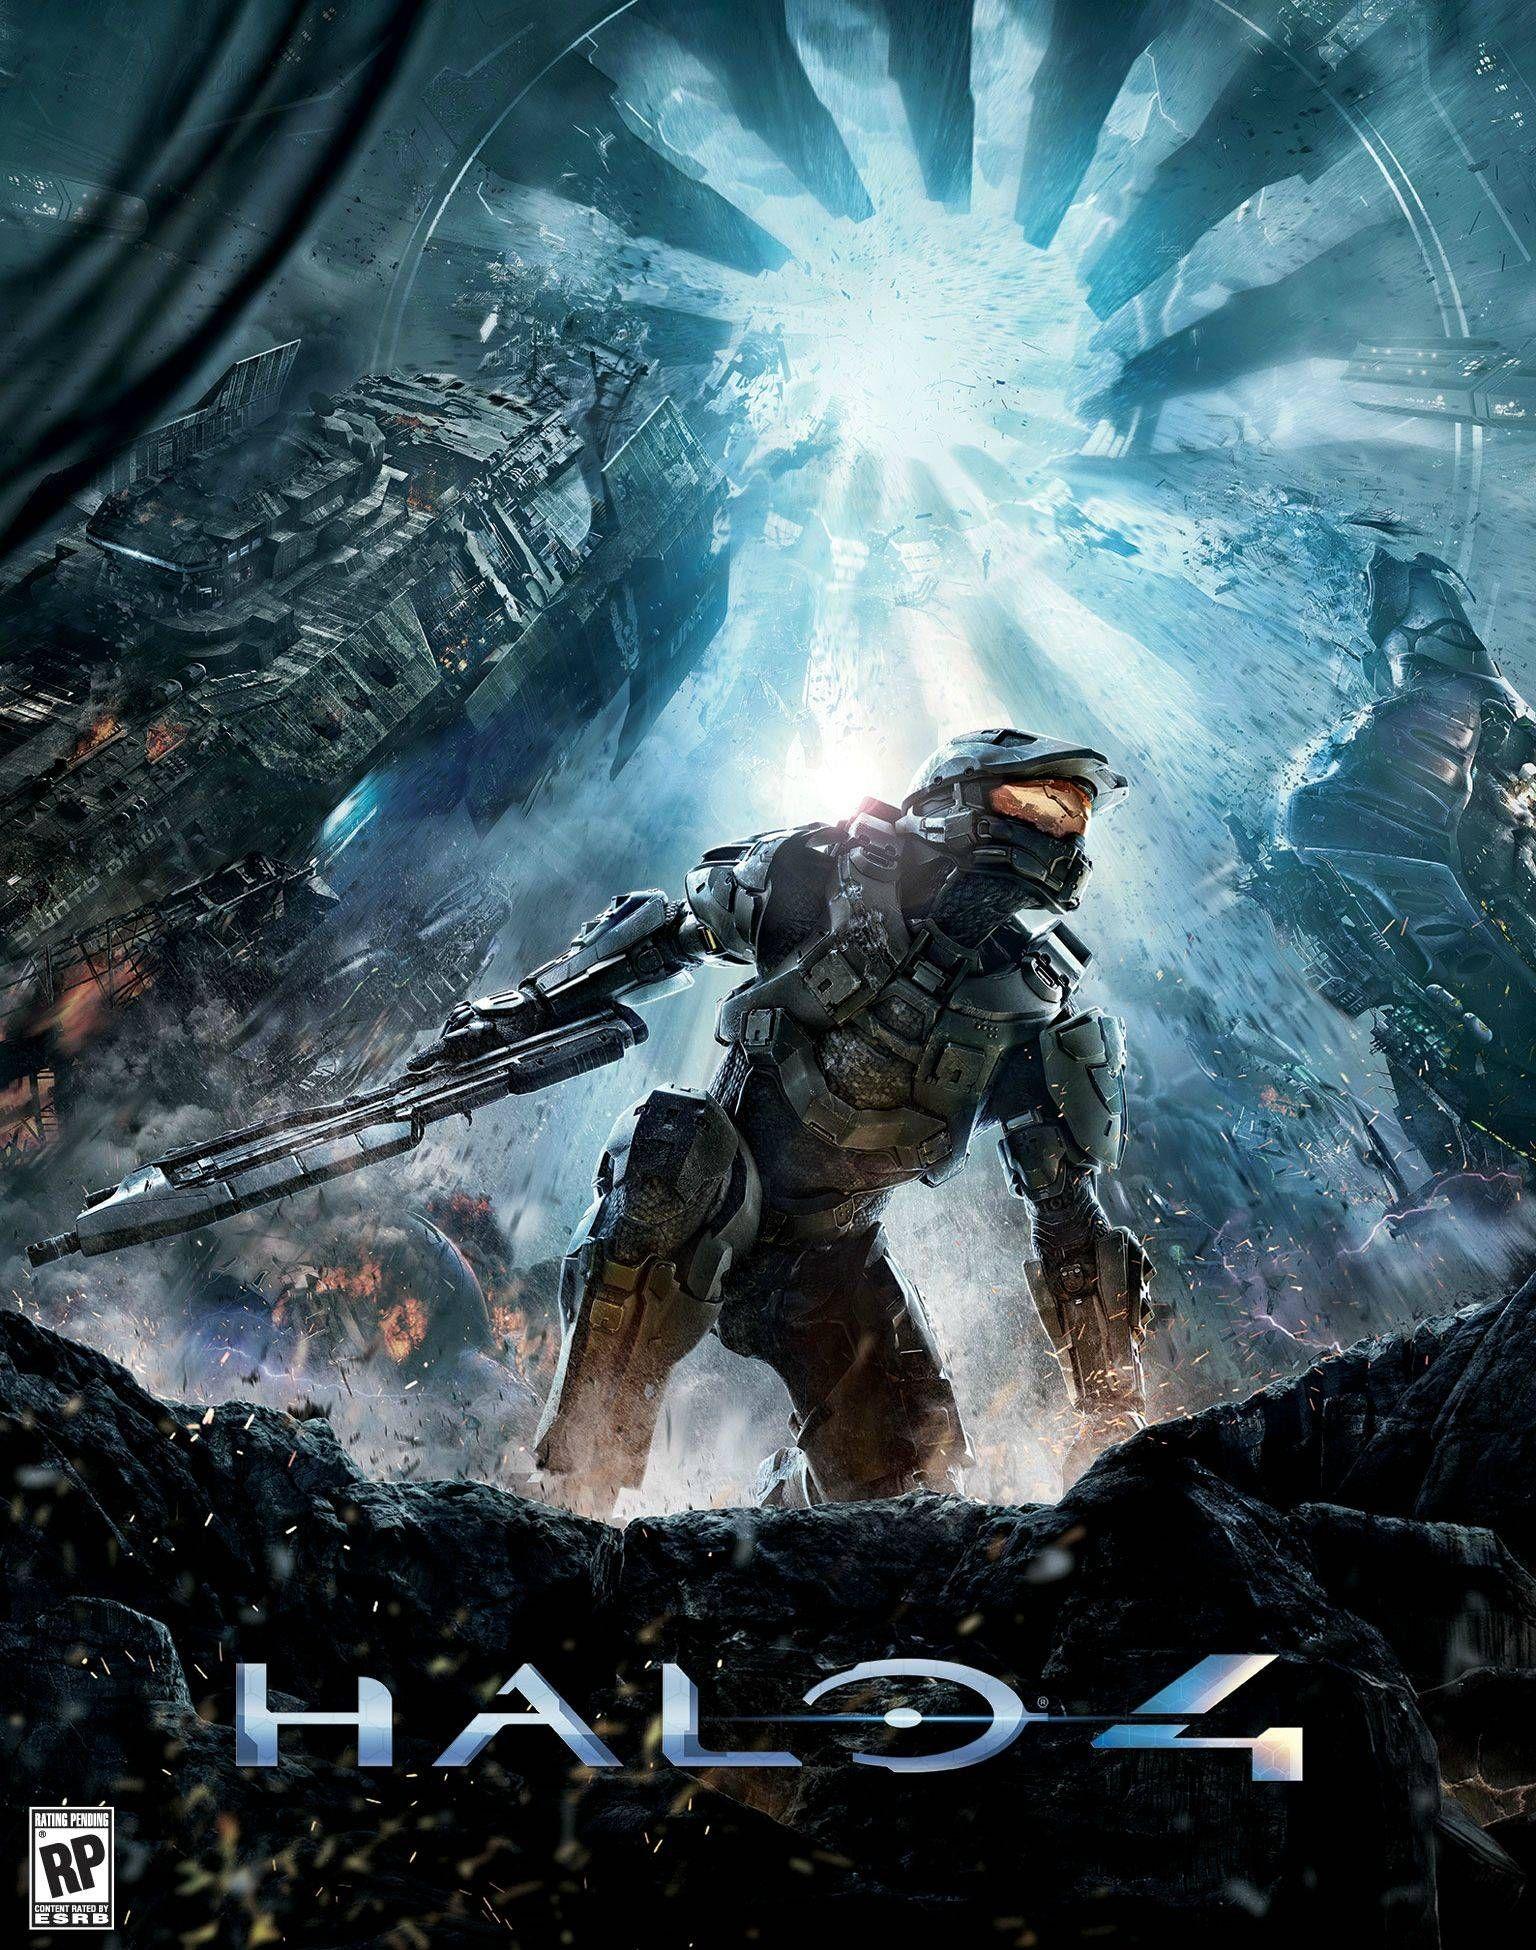 Halo 4 Con Imágenes Trucos De Juegos Juegos Para Xbox 360 Afiches De Videojuegos